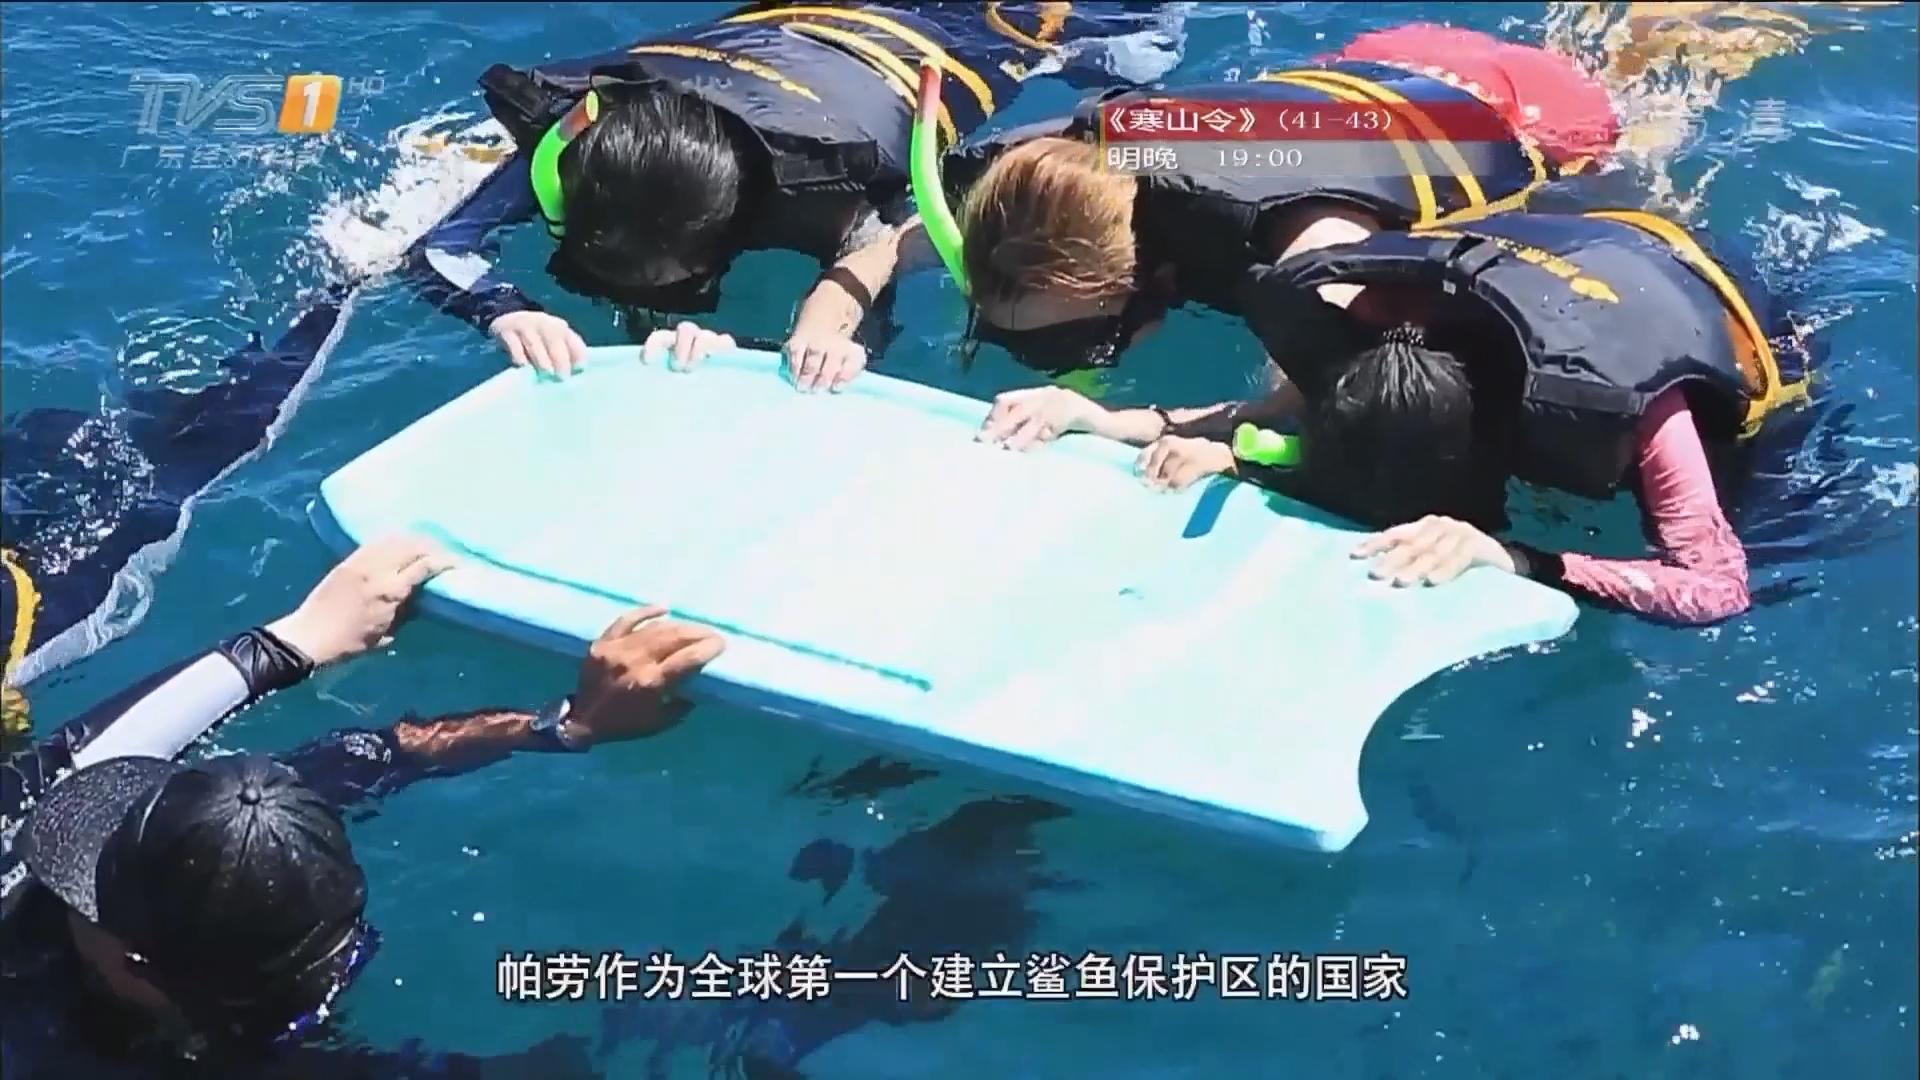 帕劳游——游览海底世界:护士鲨 百年砗磲